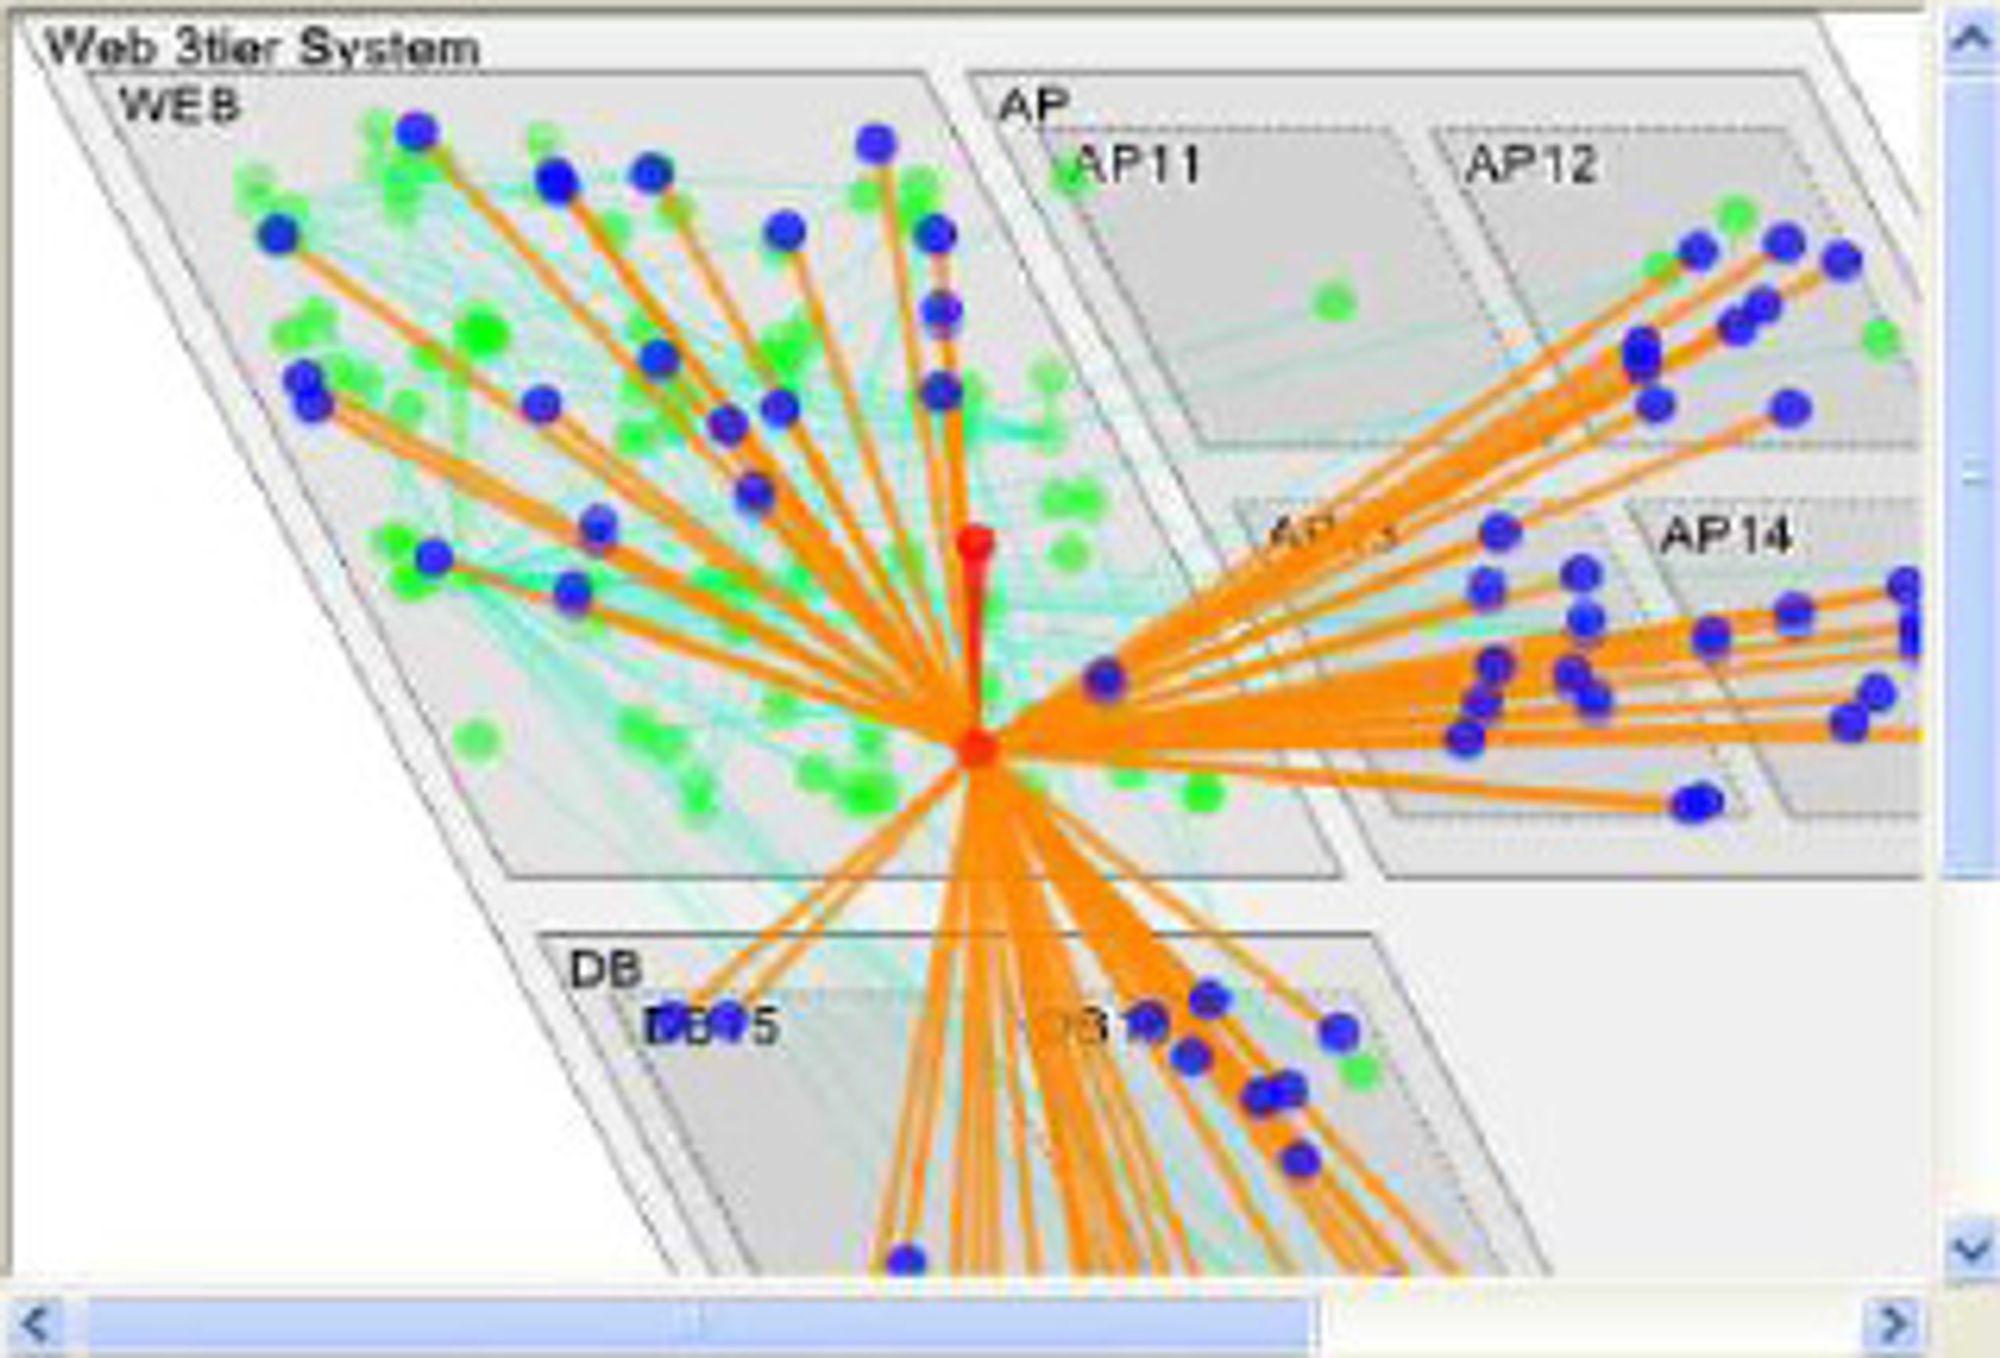 Eksempel på visualisering i Invariant Analyzer. Modellen av systemet fordeler seg på web, databaser (DB) og applikasjoner (AP). De to røde nodene er røttene til problemet. De blå nodene og de oransje relasjonene viser ringvirkningene av problemet. De grønne nodene og de grønne relasjonene er ikke berørt av problemet.